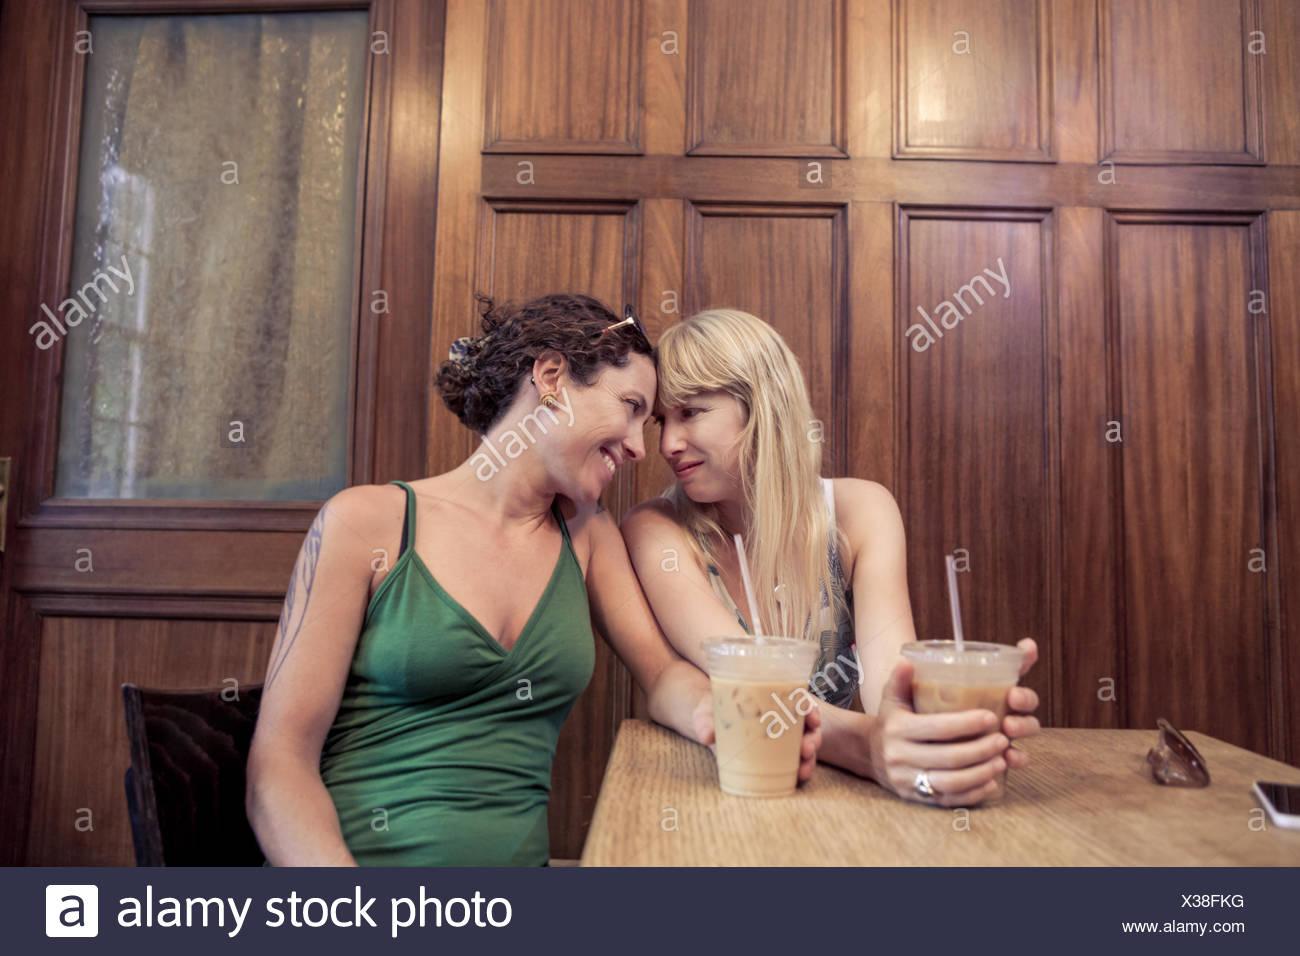 Deux femmes face à face dans l'intimité partager cafe Photo Stock